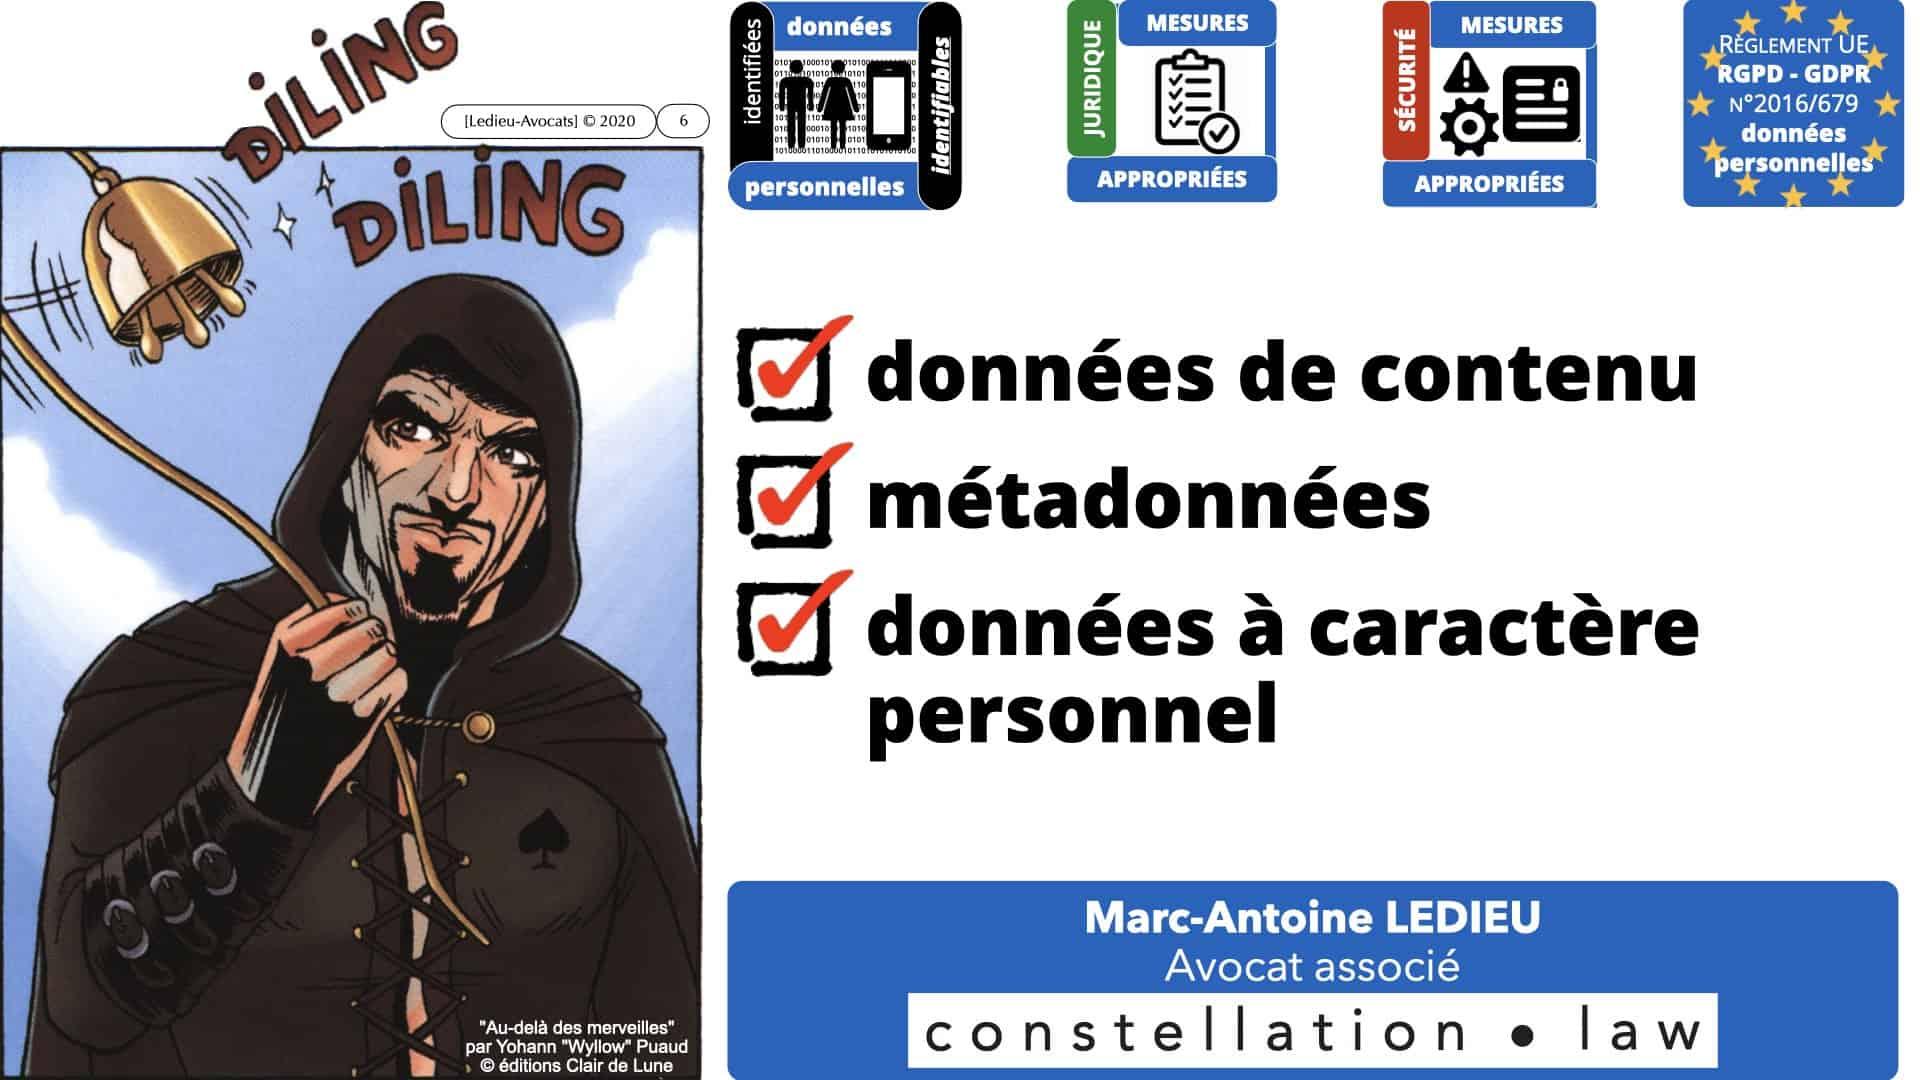 318 données de contenu métadonnées données personnelles ©Ledieu-Avocats 17-12-2020